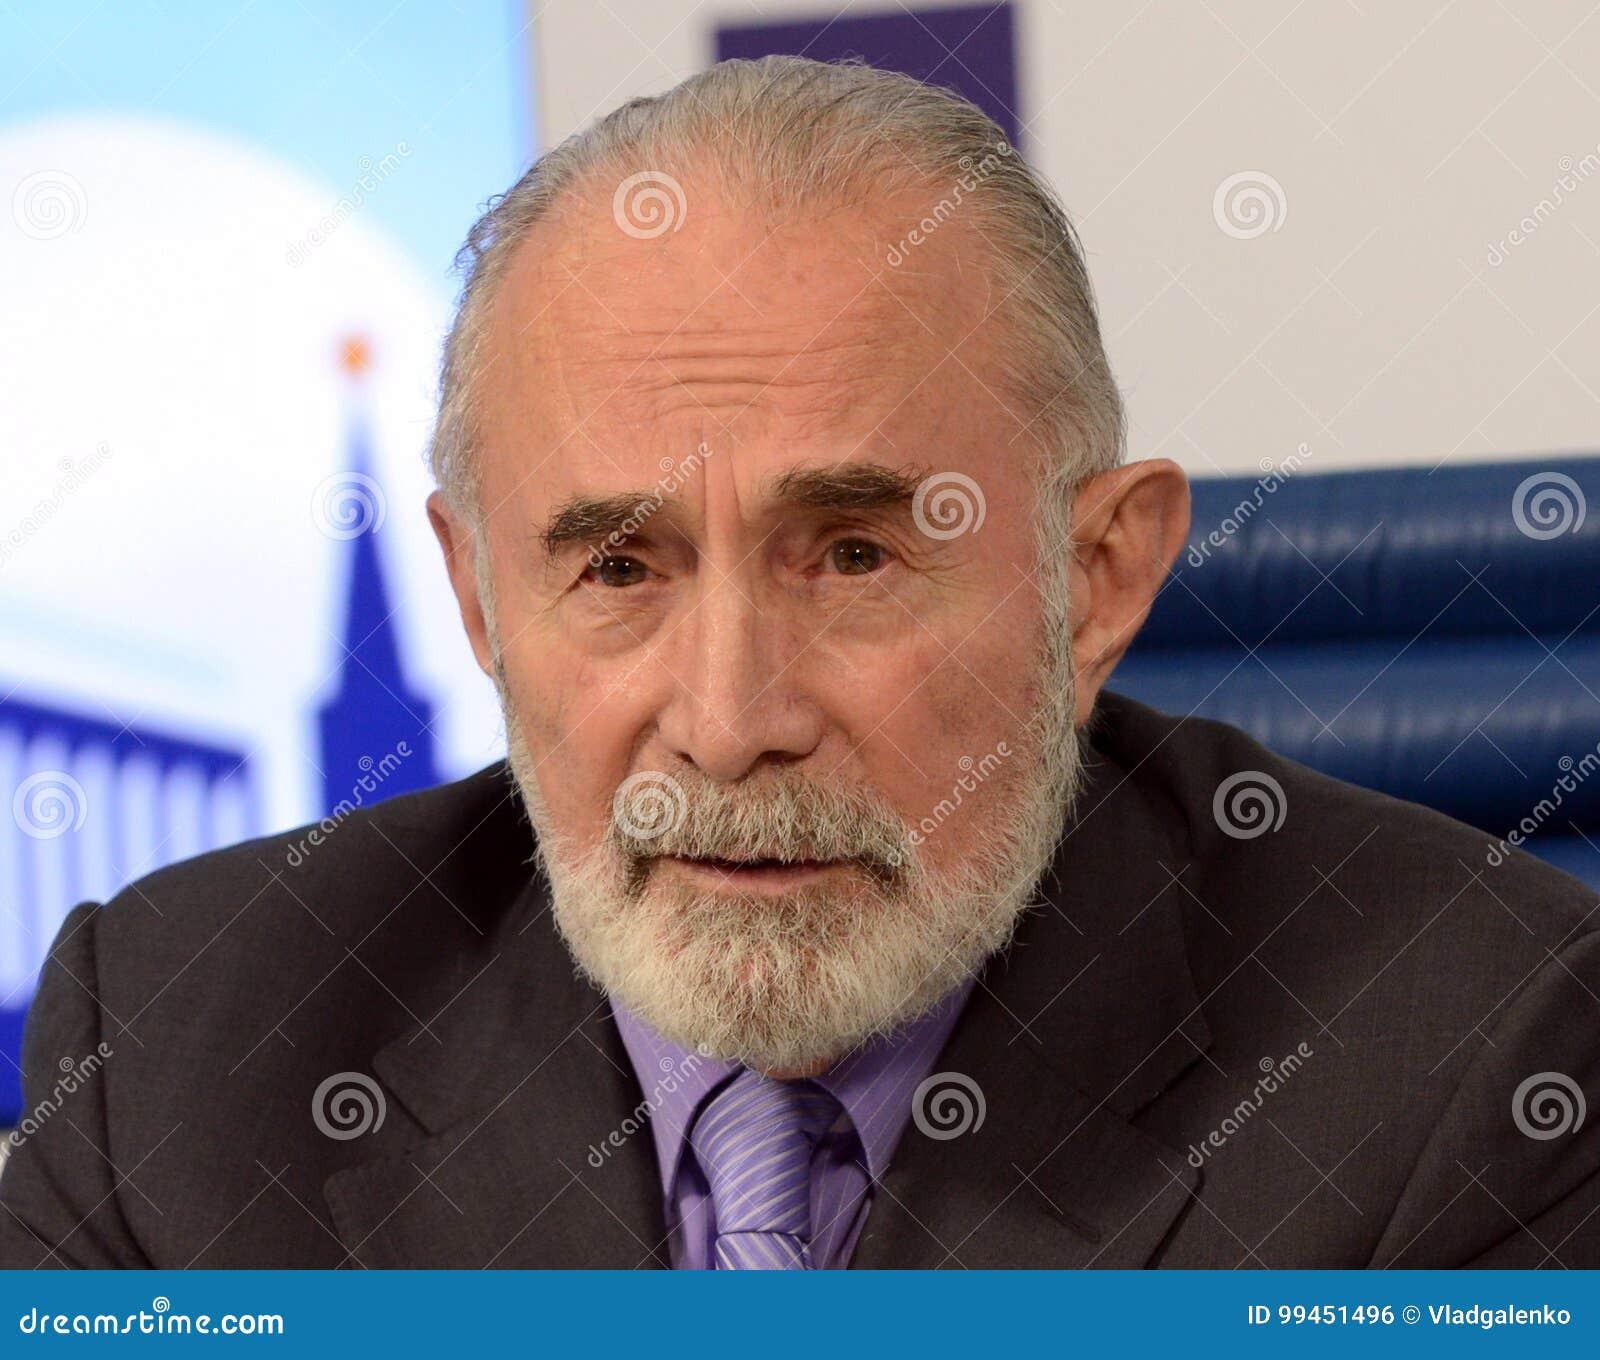 Aslambek Aslakhanov - русский политик, член совета федерации Заместитель председателя комитета Совета Федерации дальше